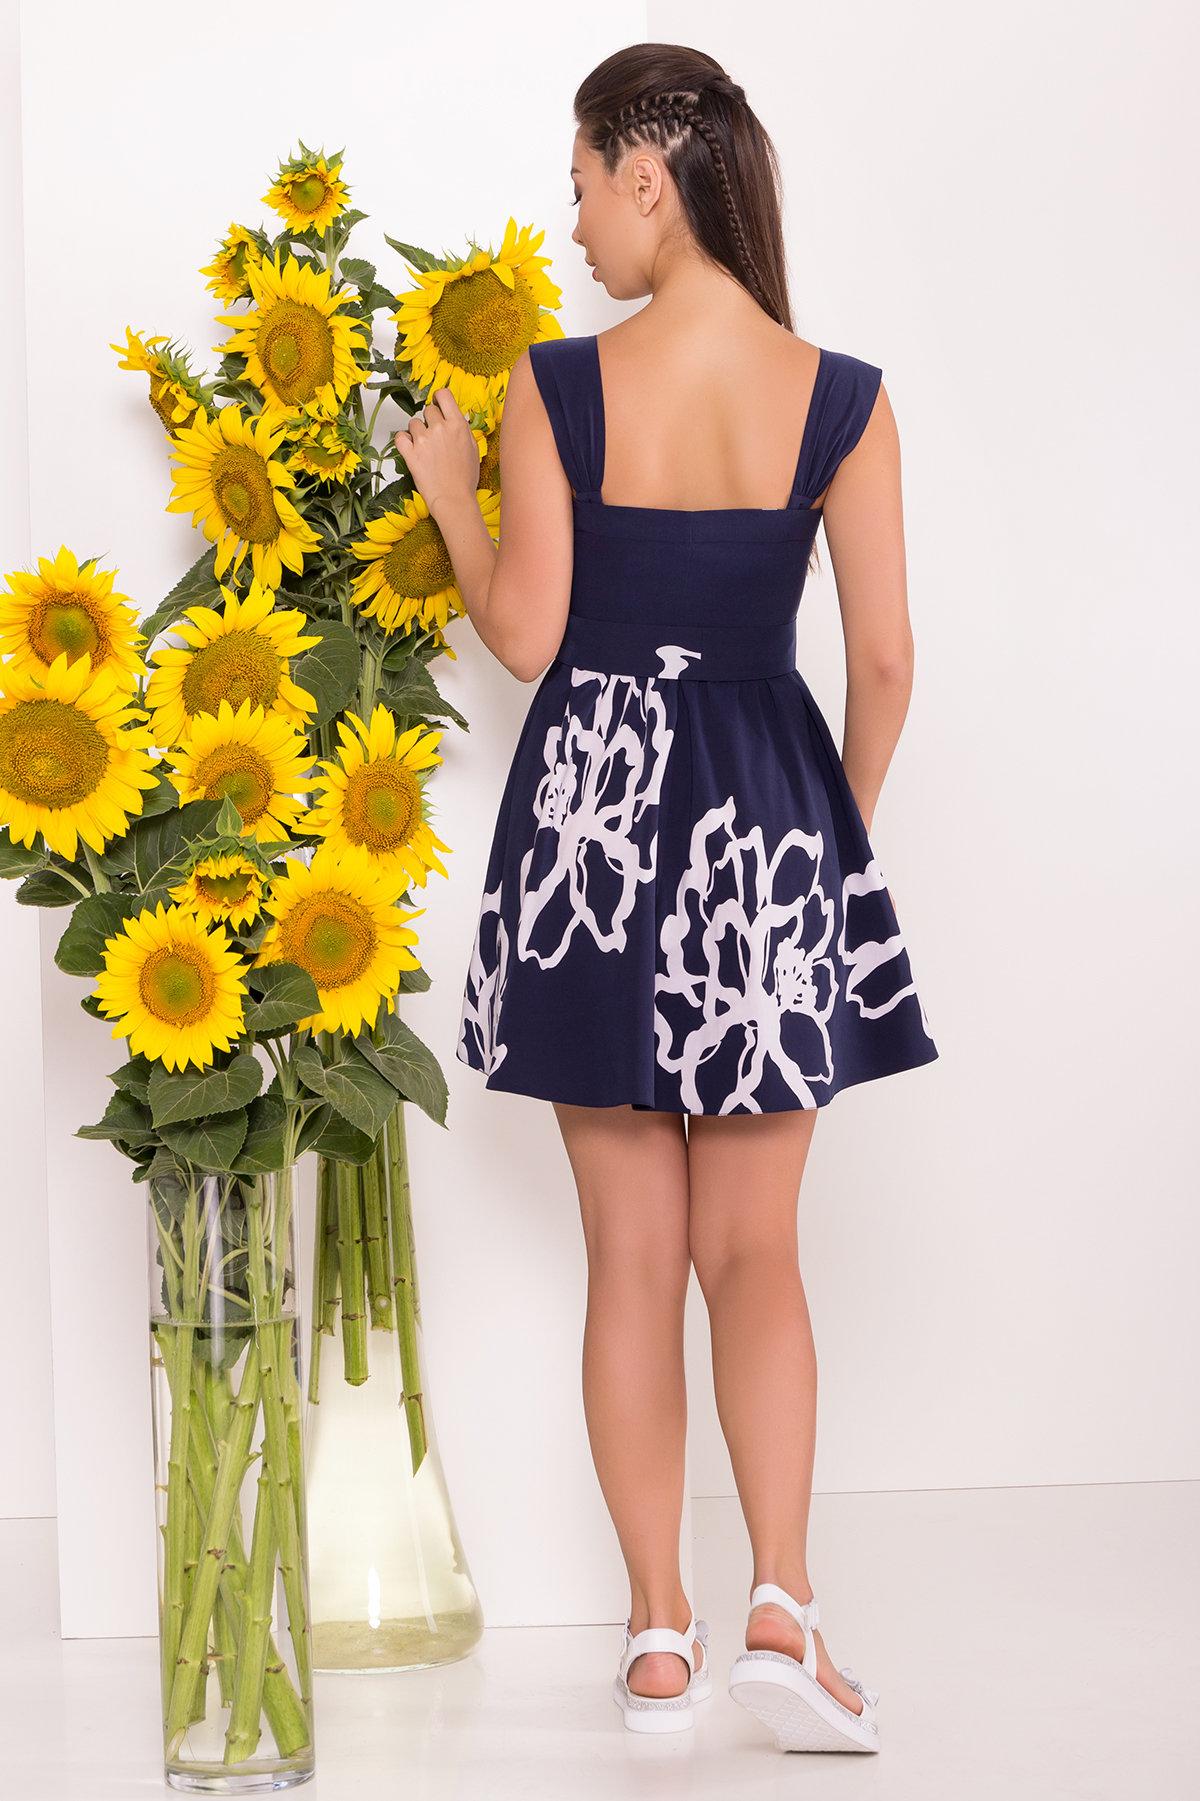 Платье Джонни 7615 АРТ. 43547 Цвет: Цветы белый,т.синий - фото 2, интернет магазин tm-modus.ru